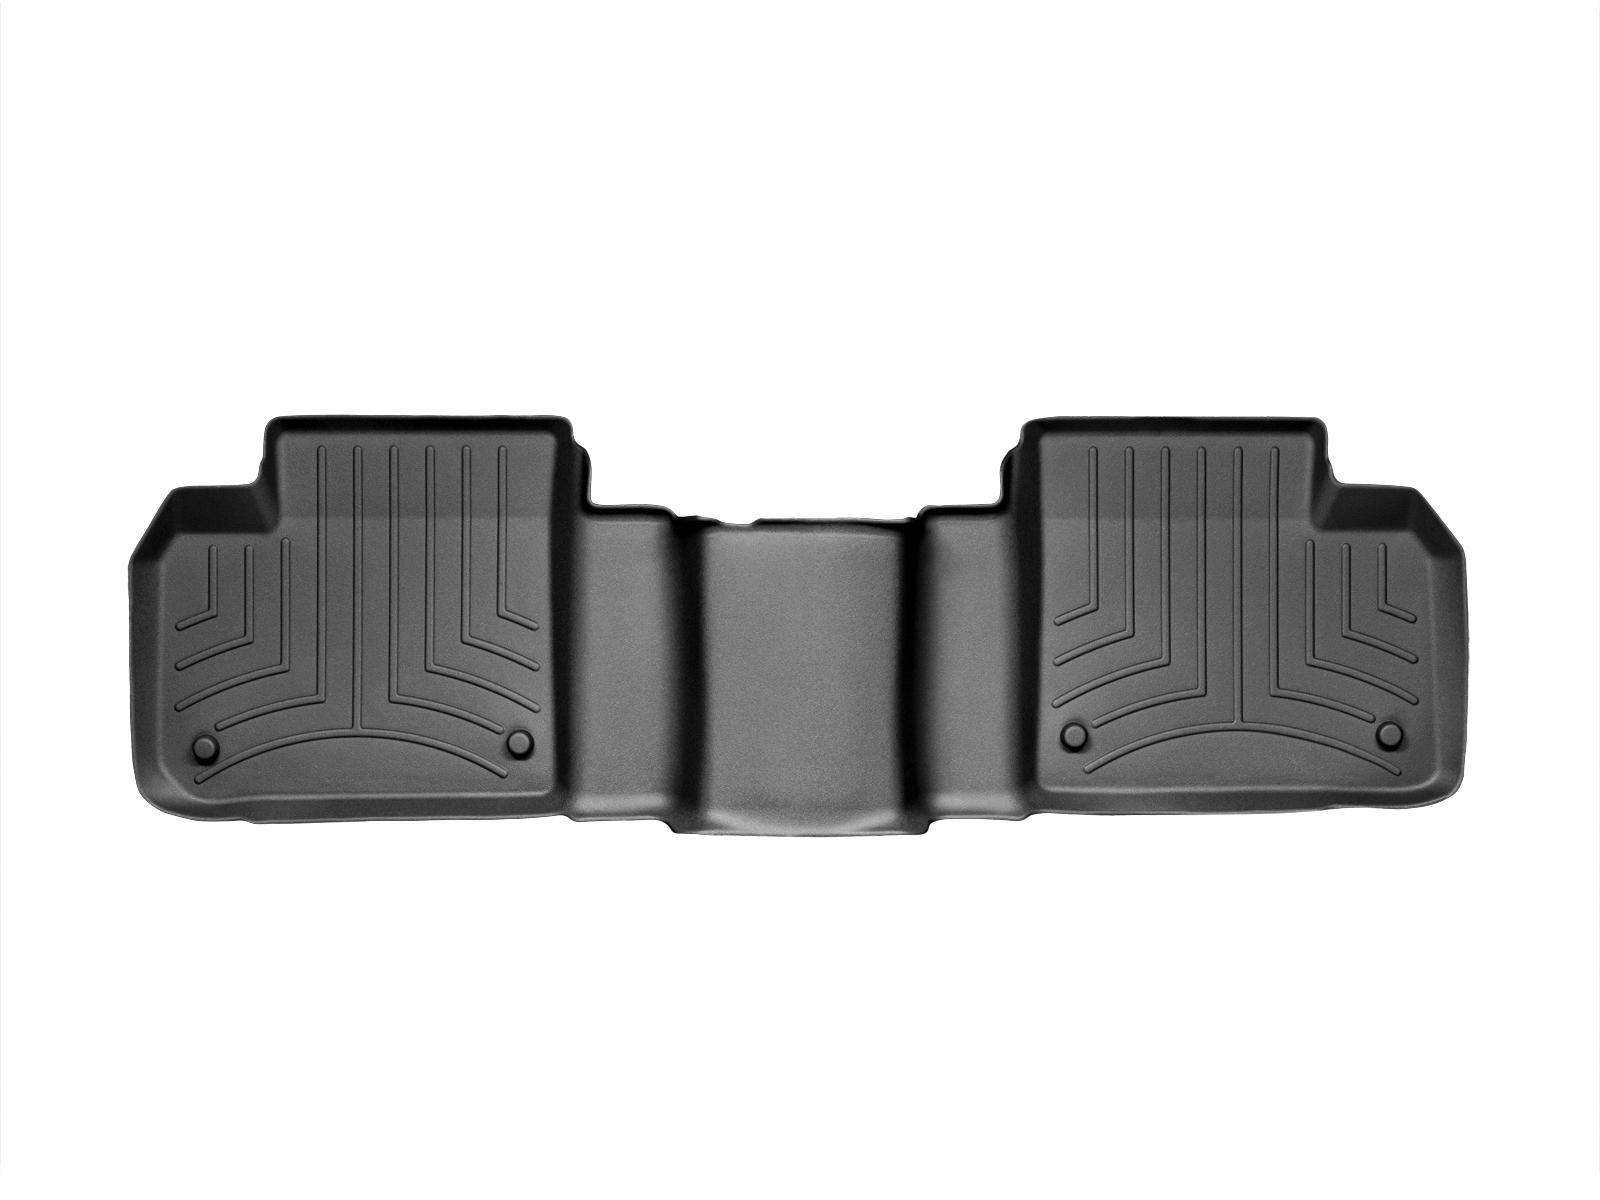 Tappeti gomma su misura bordo alto Mercedes GLE-Class 15>17 Nero A2485